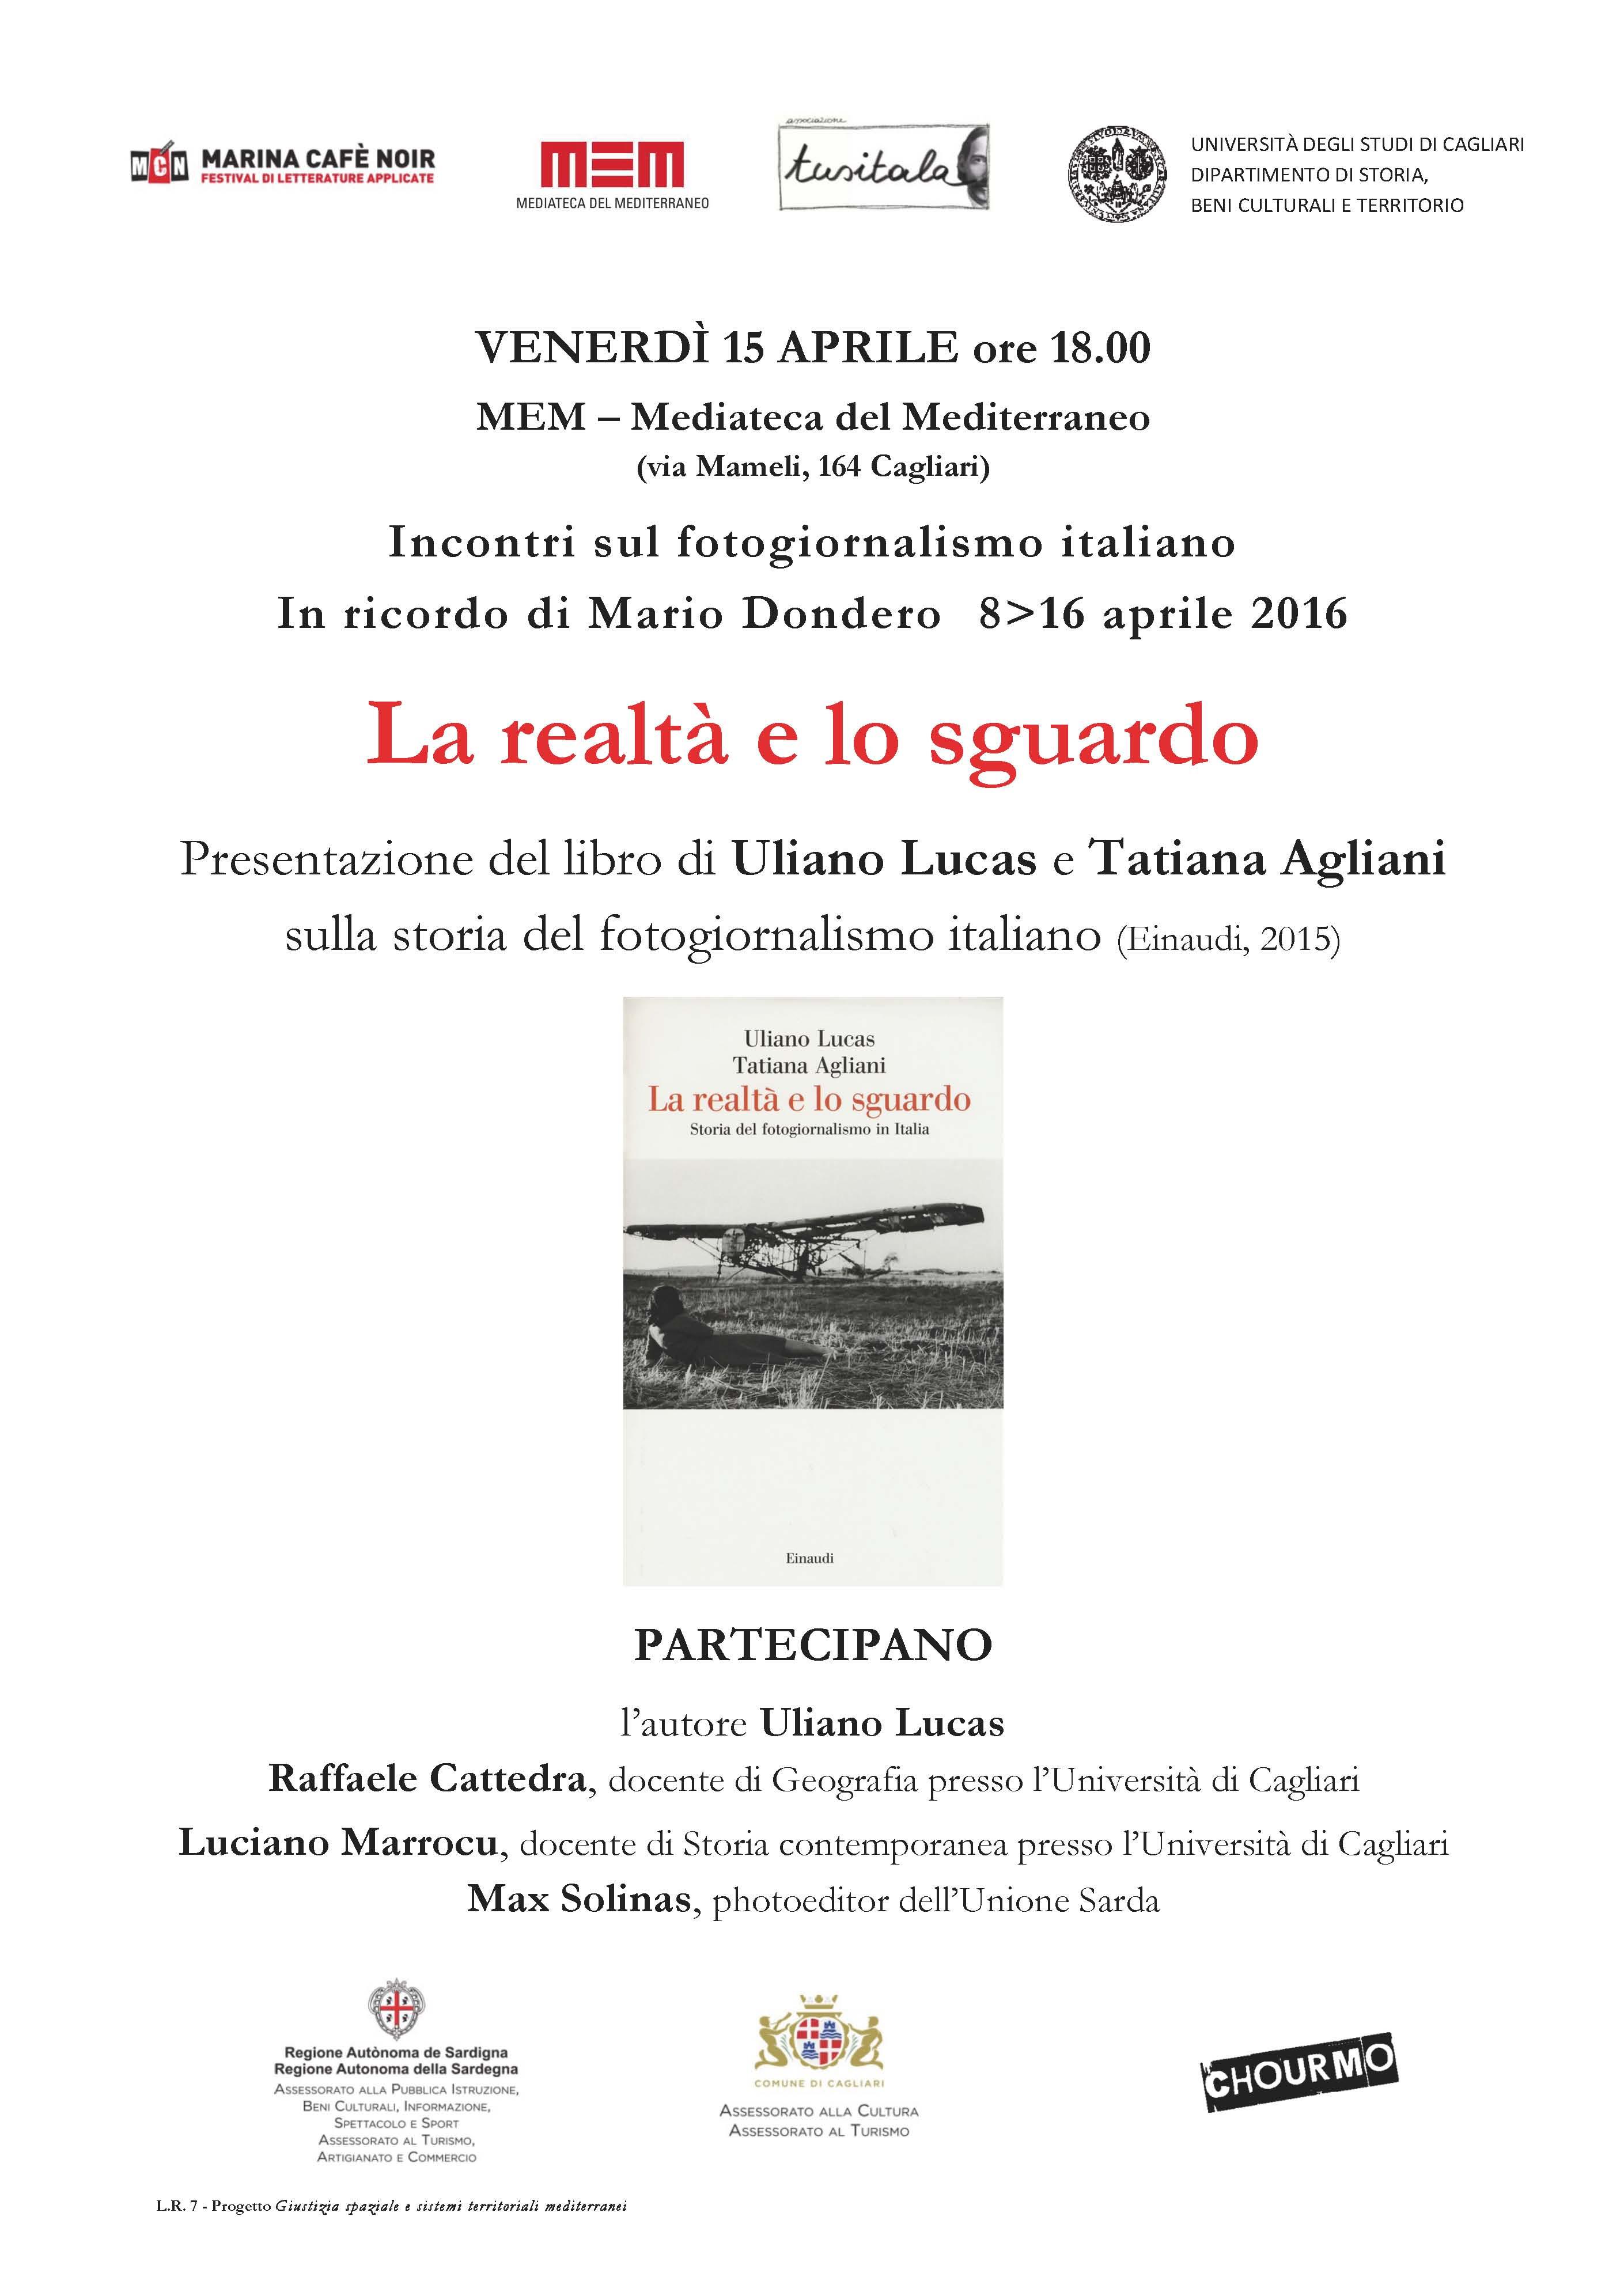 Venerdì 15 aprile 2016 alla MEM Mediateca del Mediterraneo presentazione del libro di Uliano Lucas e Tatiana Agliani La realtà e lo sguardo.